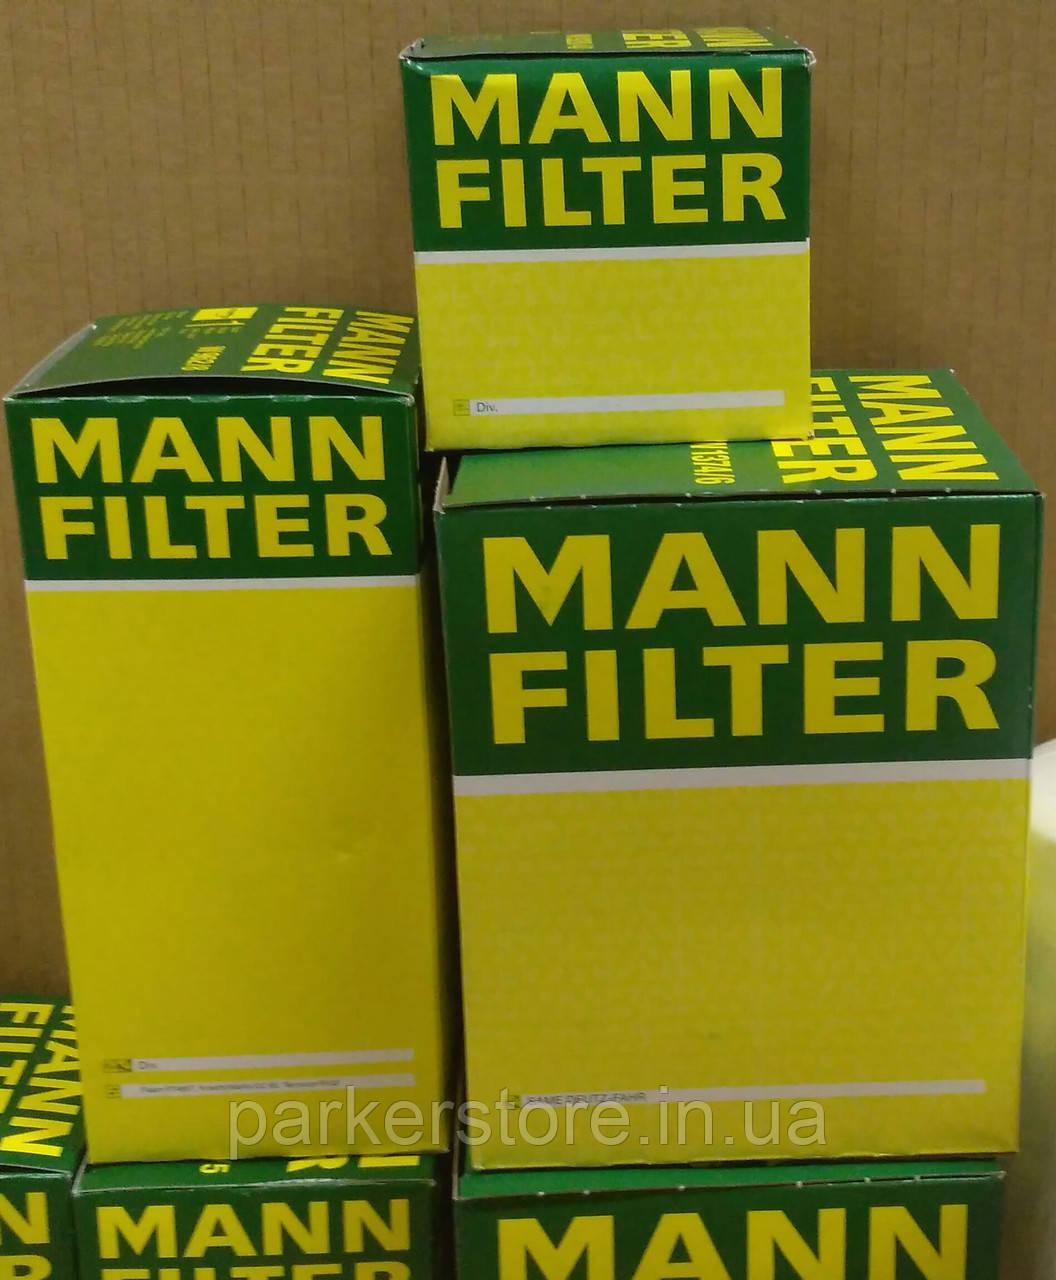 MANN FILTER / Воздушный фильтр / C 2326 / C2326